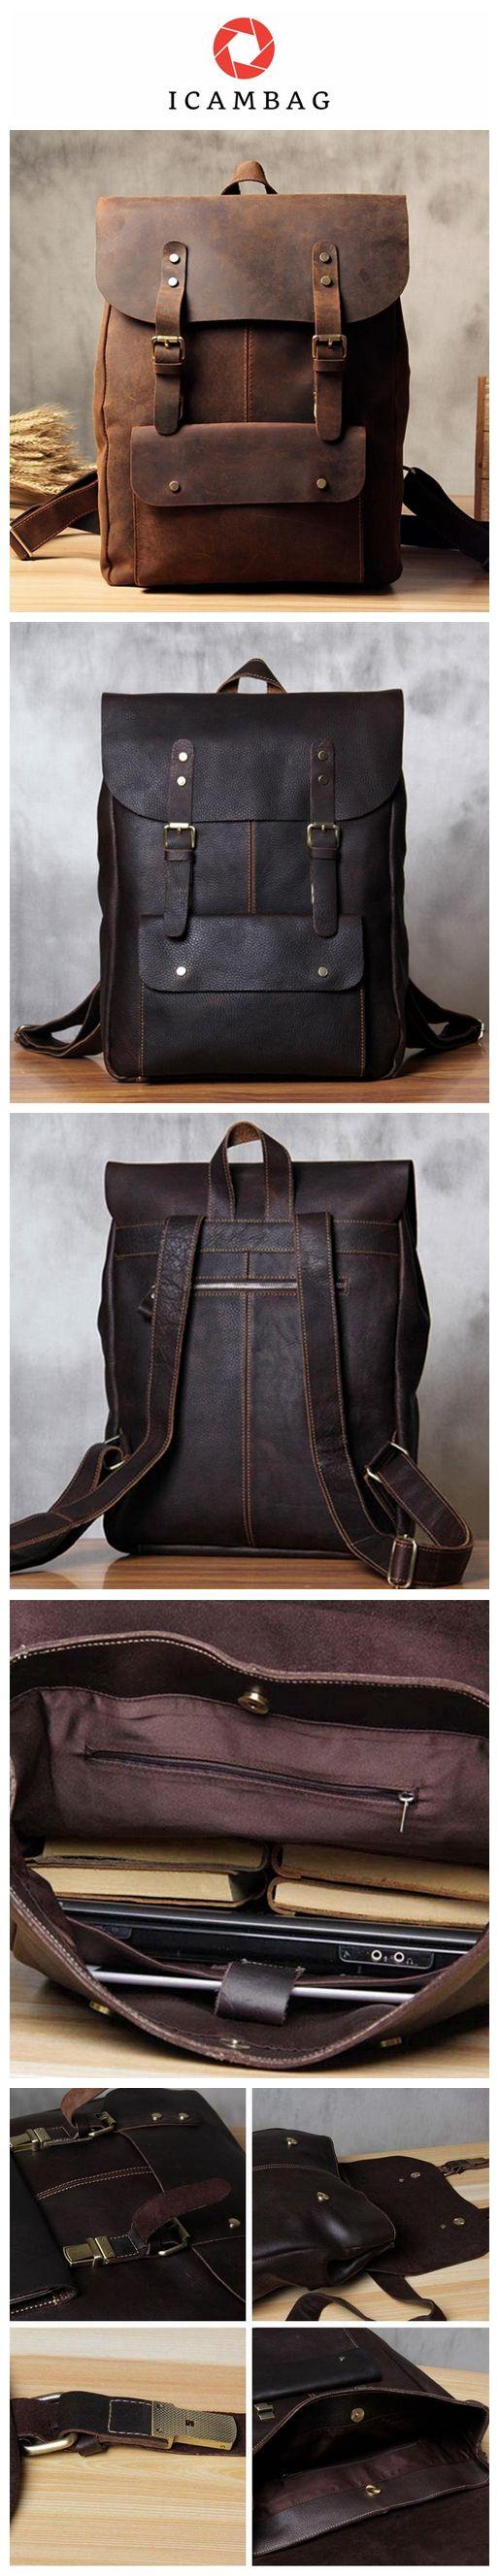 Handmade Vintage Leather School Bag Travel Backpack Laptop Bag Black Men Bag 9452